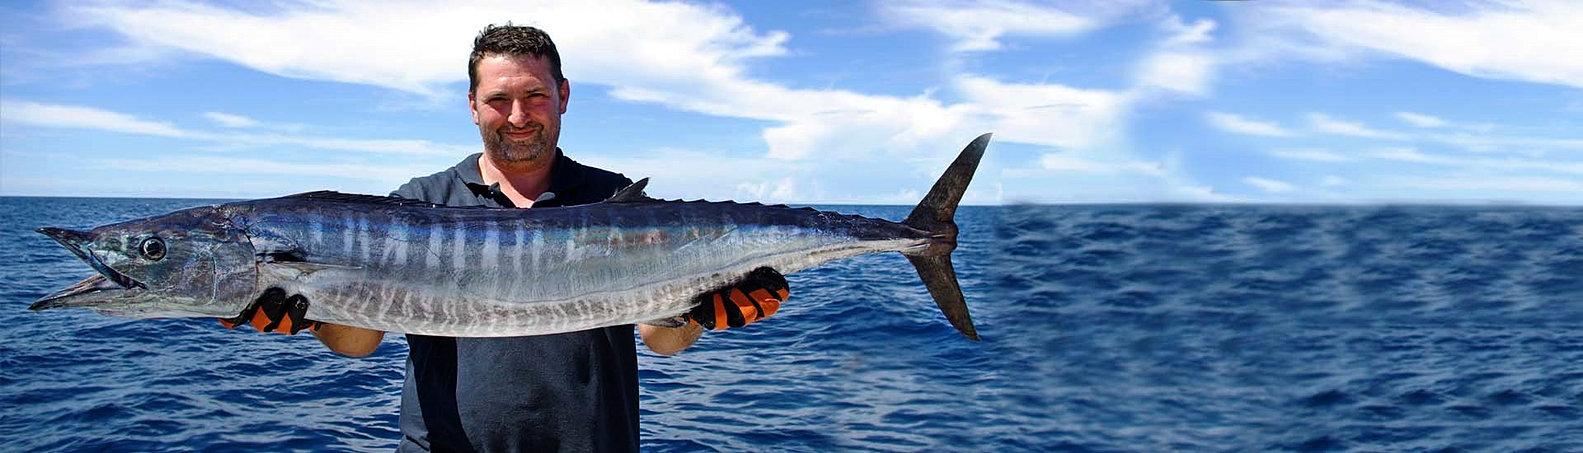 Sarasota charter fishing deep sea charter fishing for Deep sea fishing sarasota fl